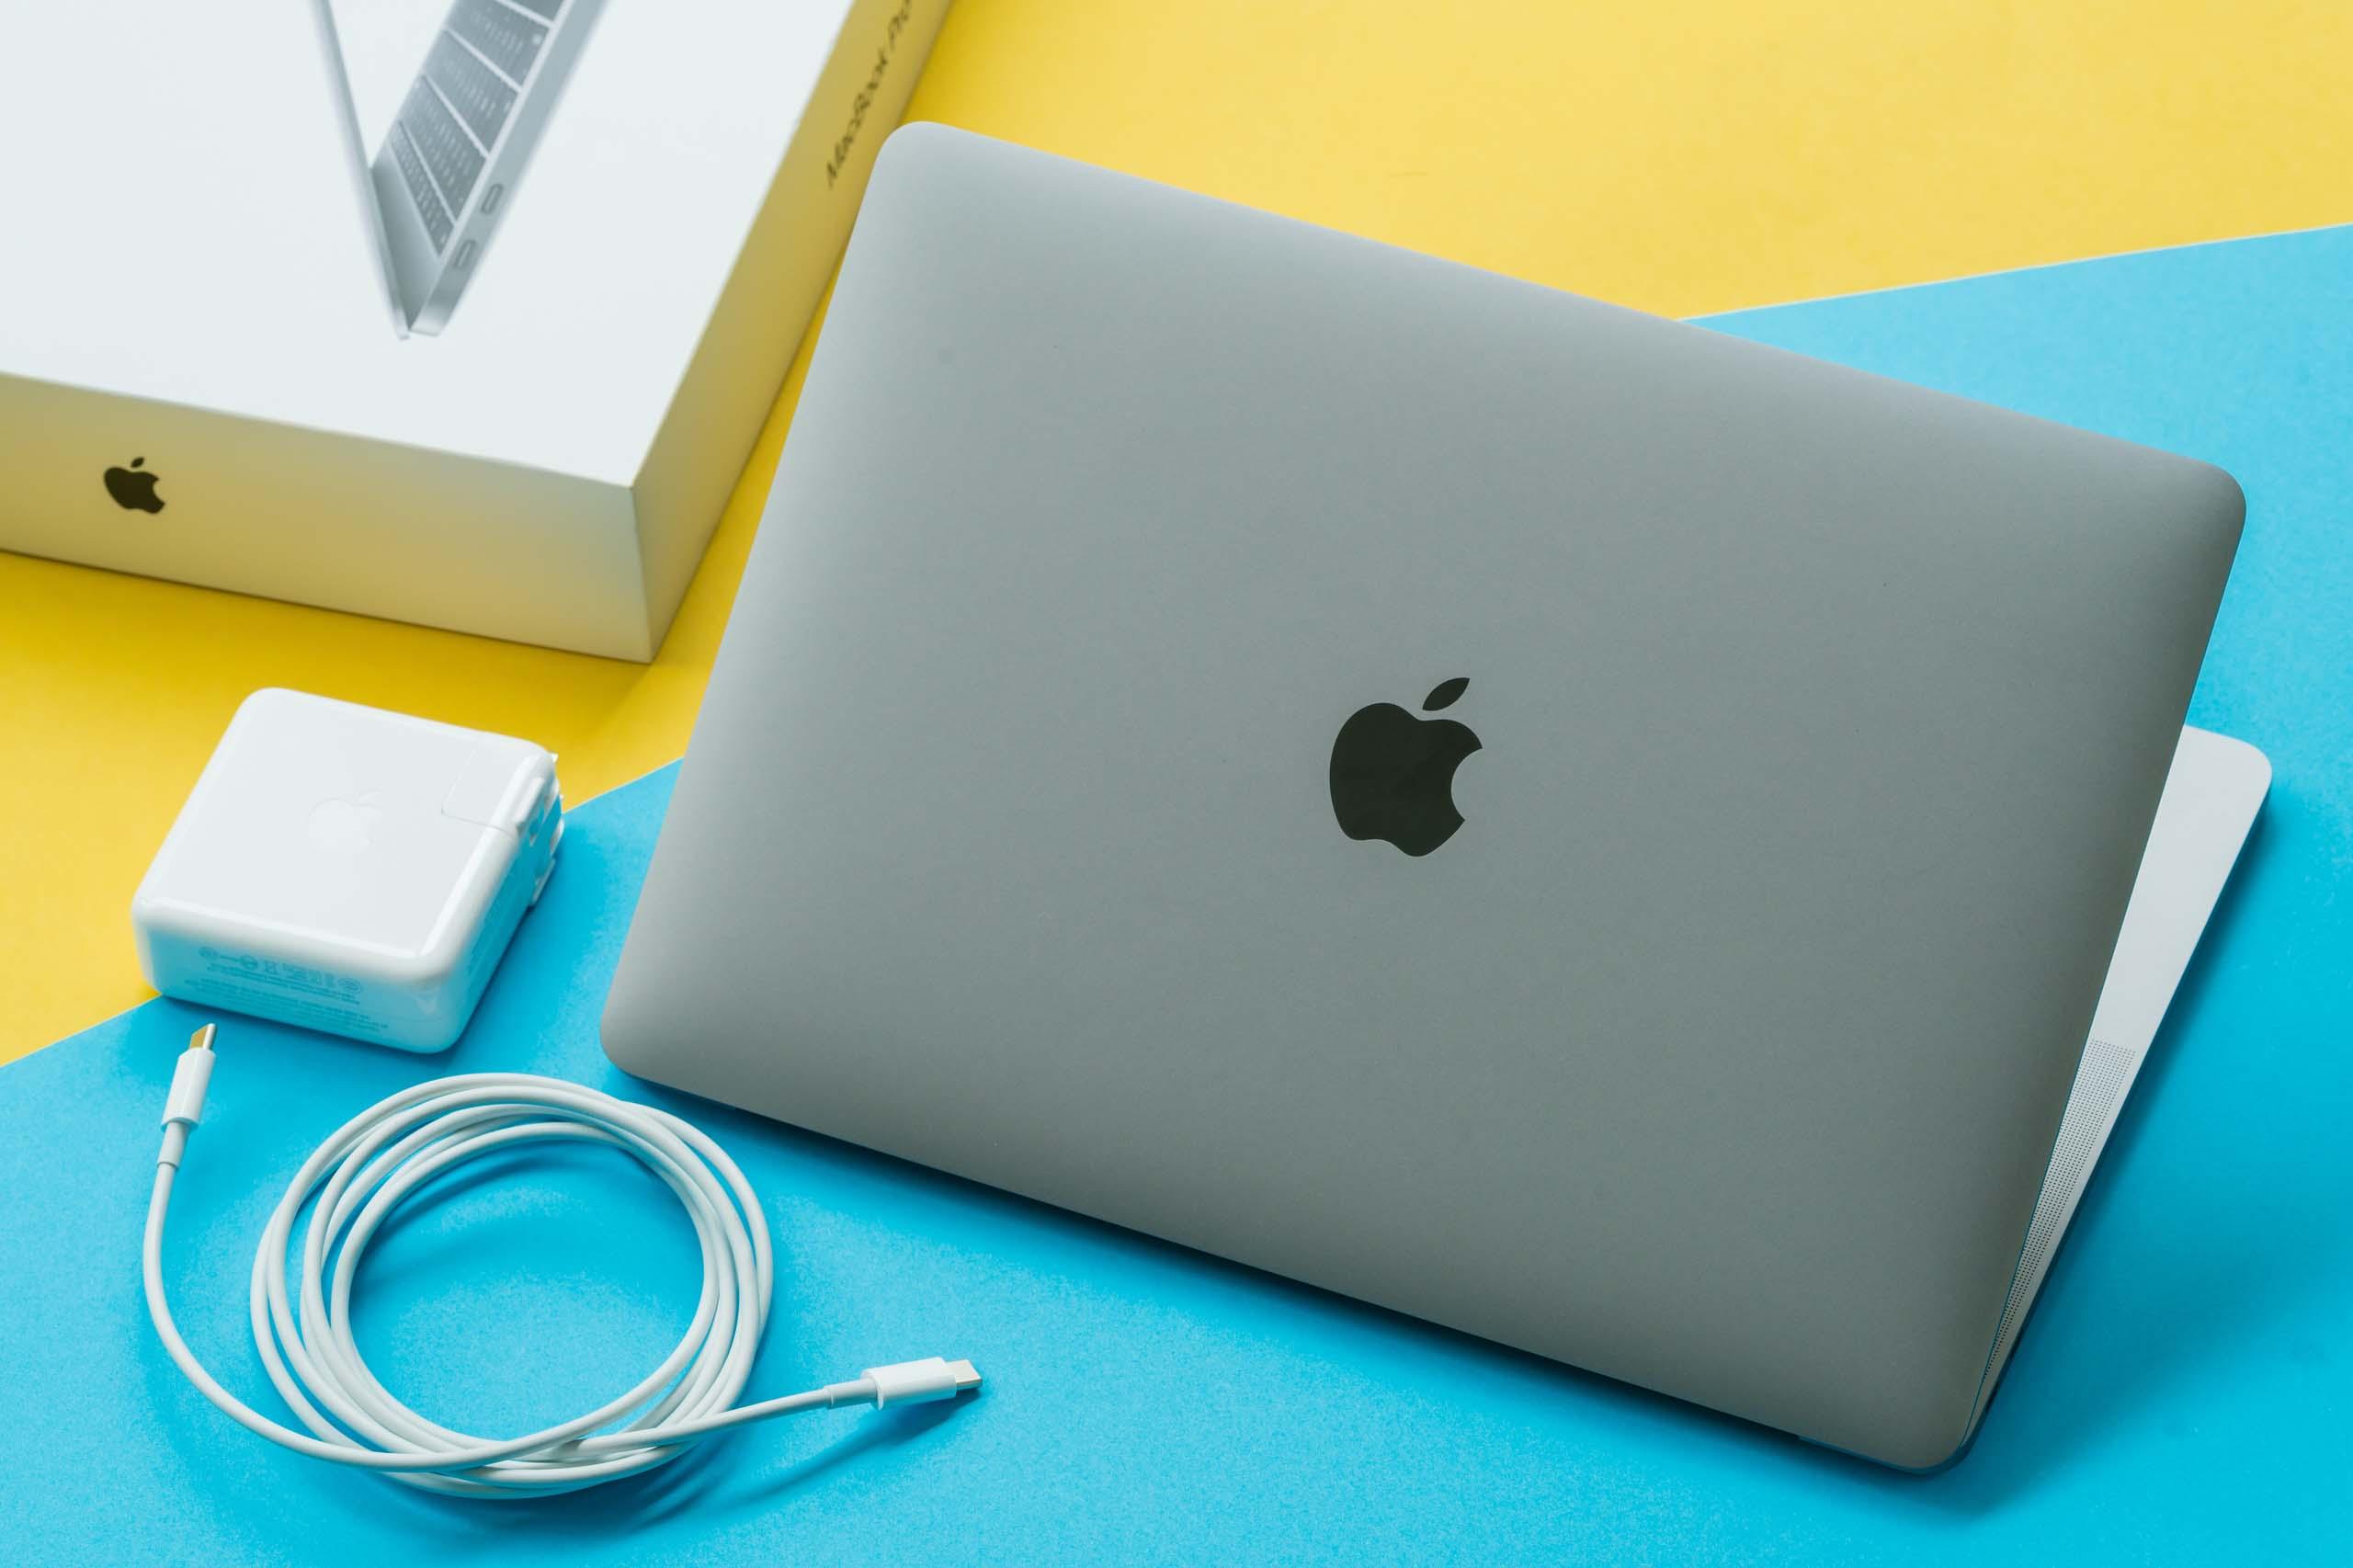 MacBook Proの電源アダプタは繋いだまま作業&放置しても全く問題ありません